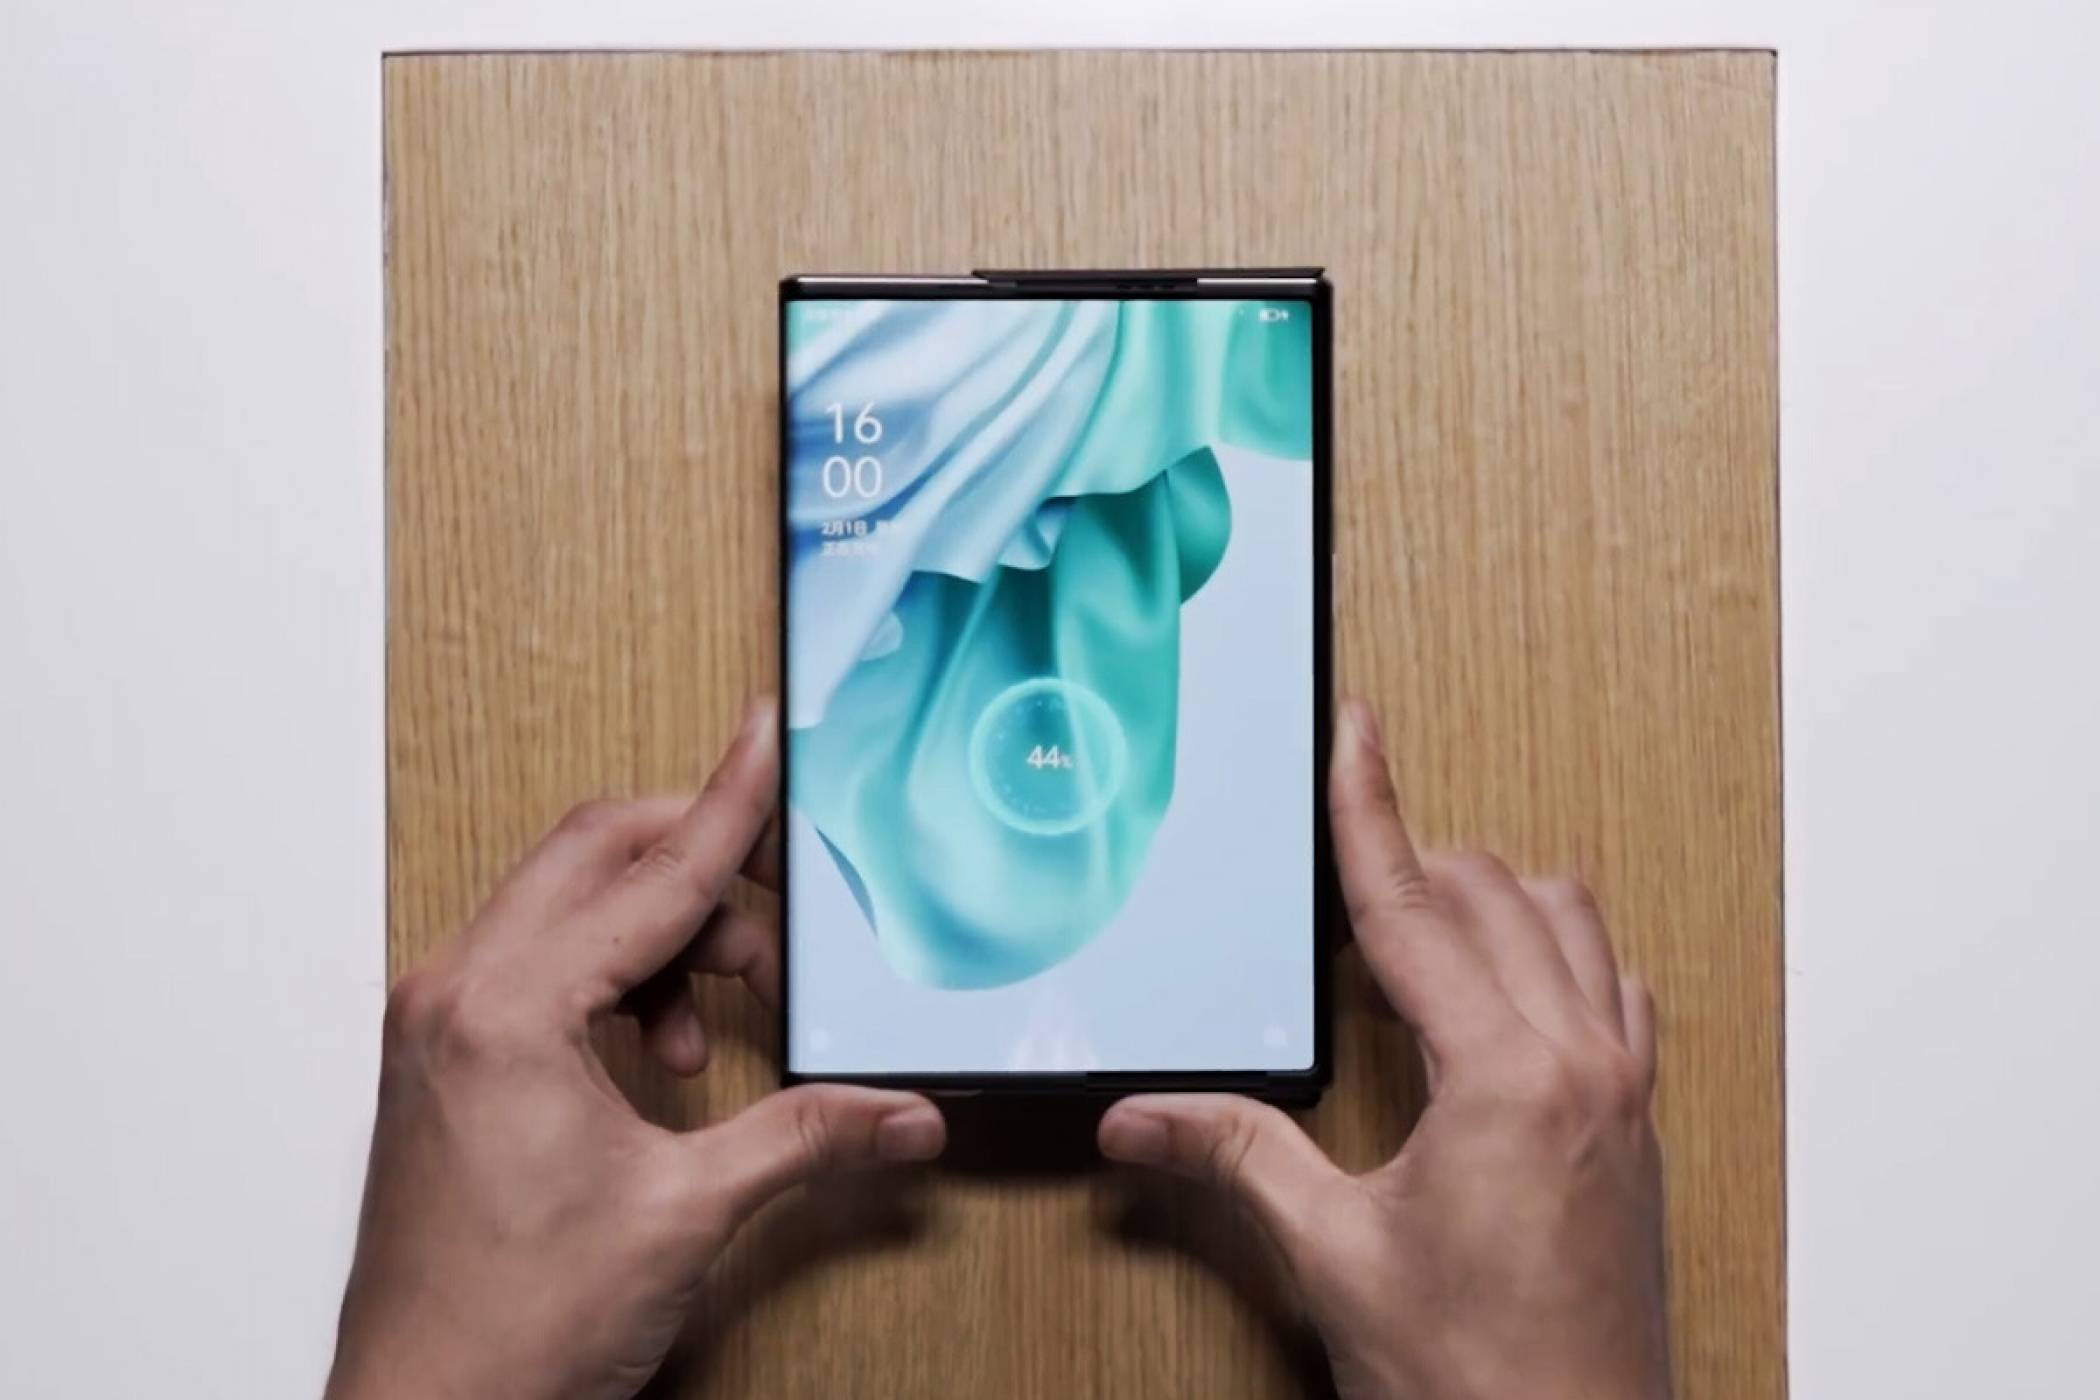 Oppo демонстрира уникално зареждане по въздуха на гъвкавия си смартфон (ВИДЕО)